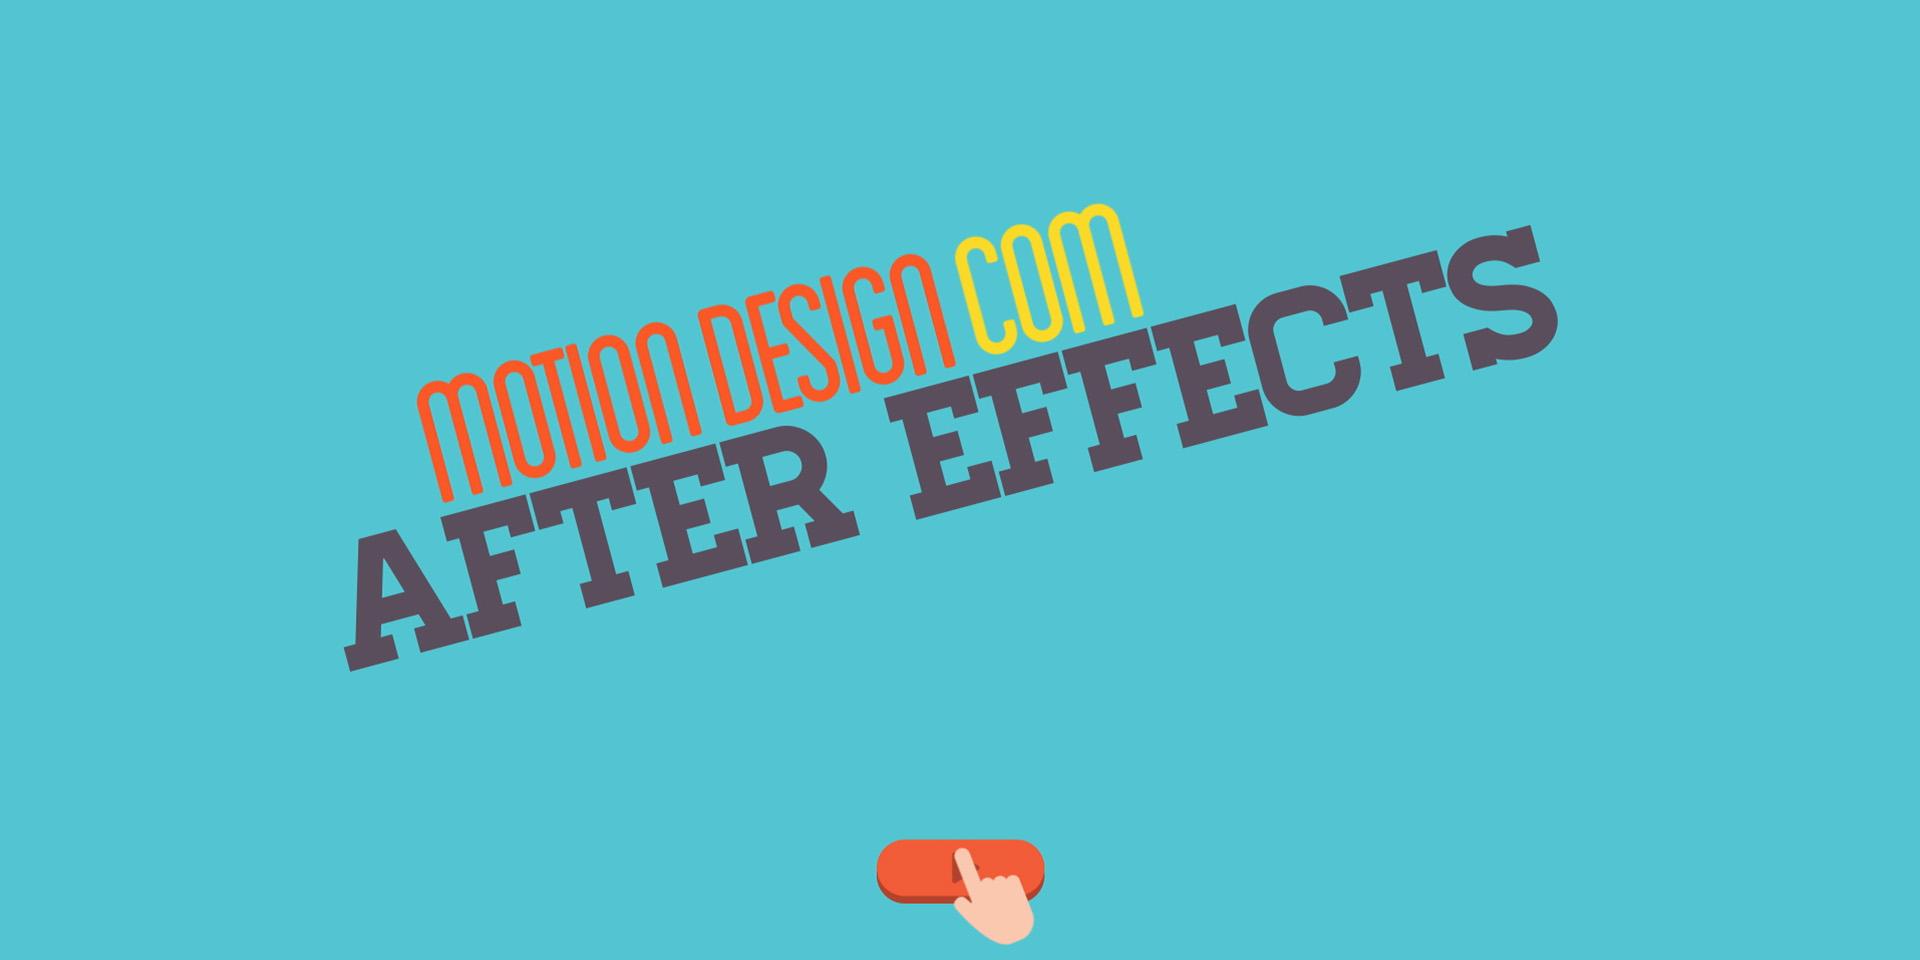 Matricule-se: Motion Design com After Effect v1.0 – Curso Online